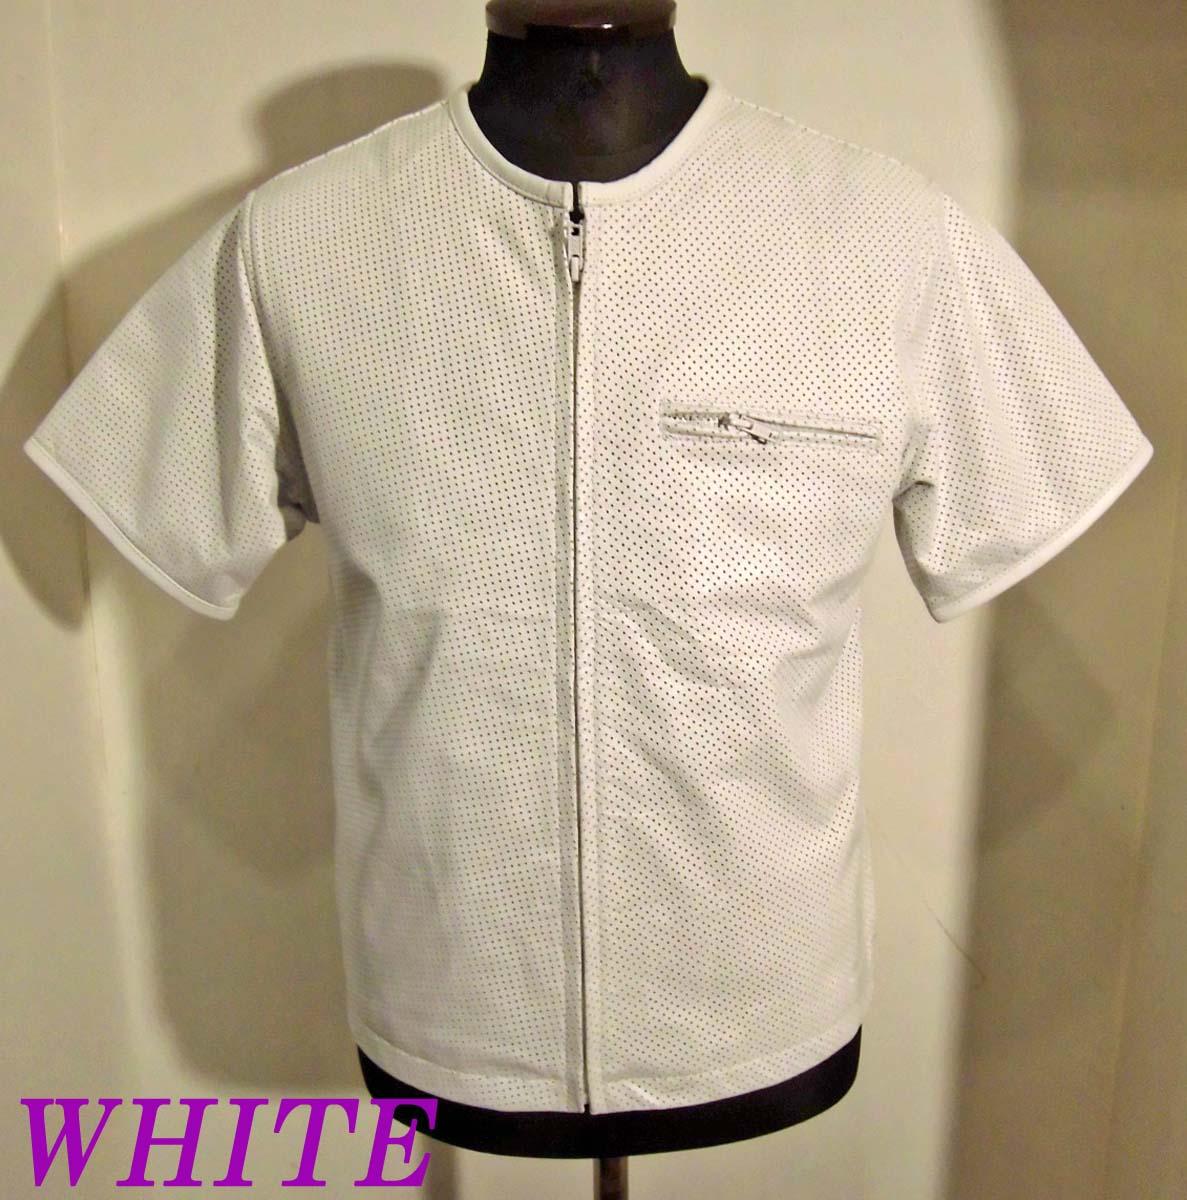 ライダース本革パンチングレザー半袖ZIPP-UPシャツ WHITE-5Lサイズ